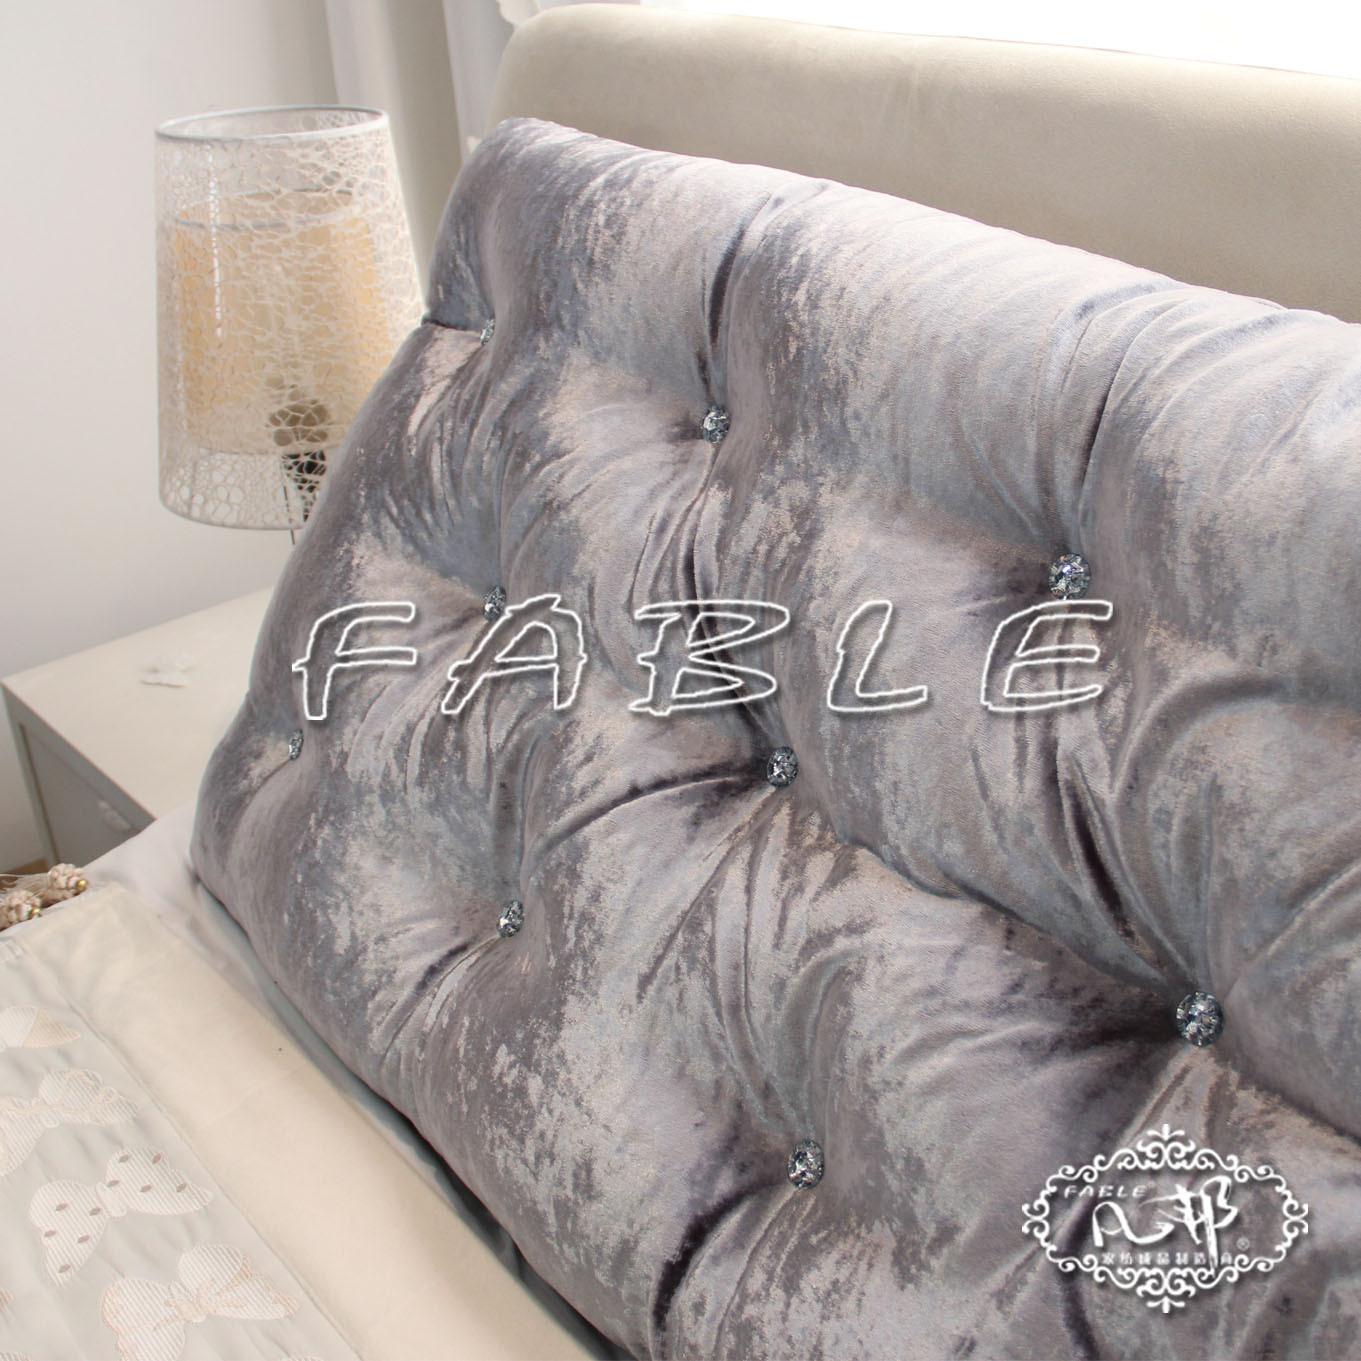 凡邦 布床頭大靠墊/靠背 床頭軟包 絲絨 可折洗 定做 三排扣靠墊化纖純色歐式 靠墊